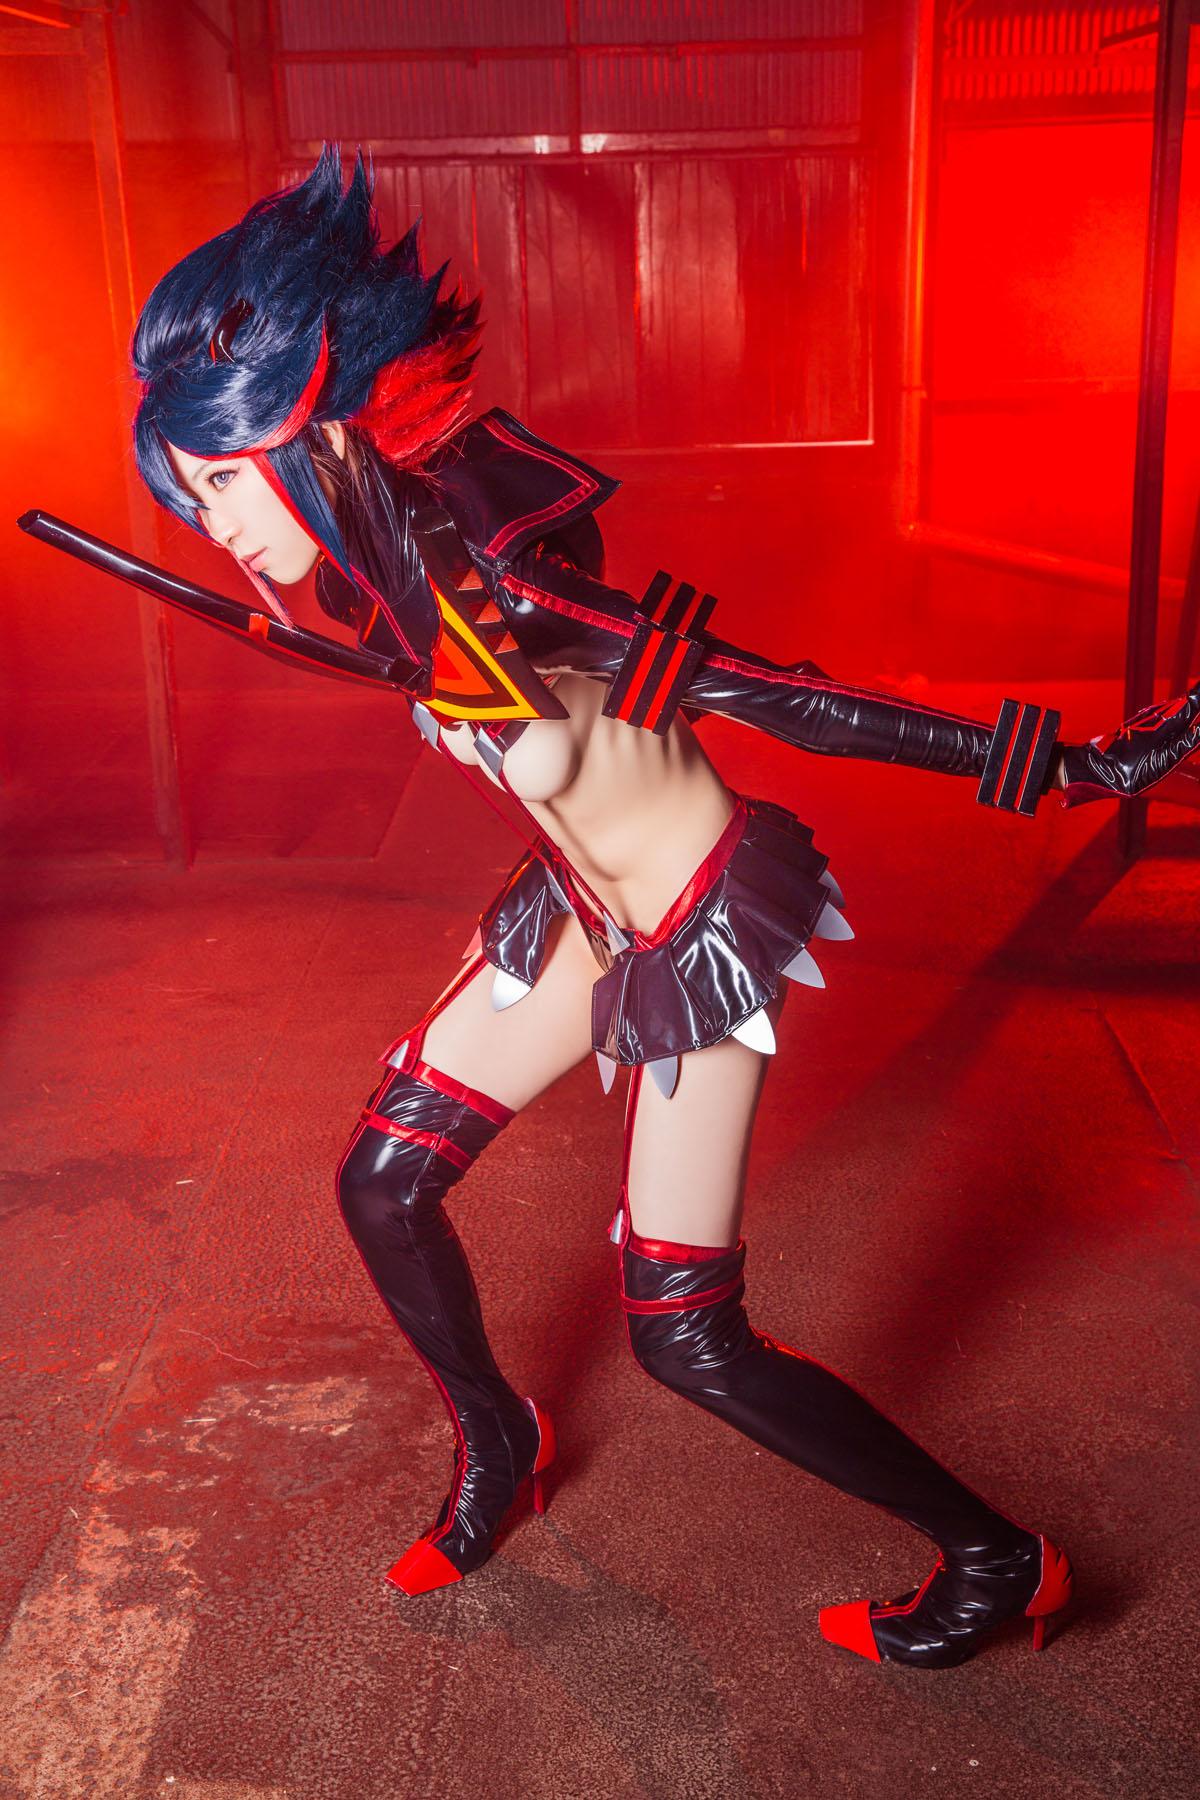 Kill la Kill Ryuuko Matoi anime cosplay by Mikehouse 0048